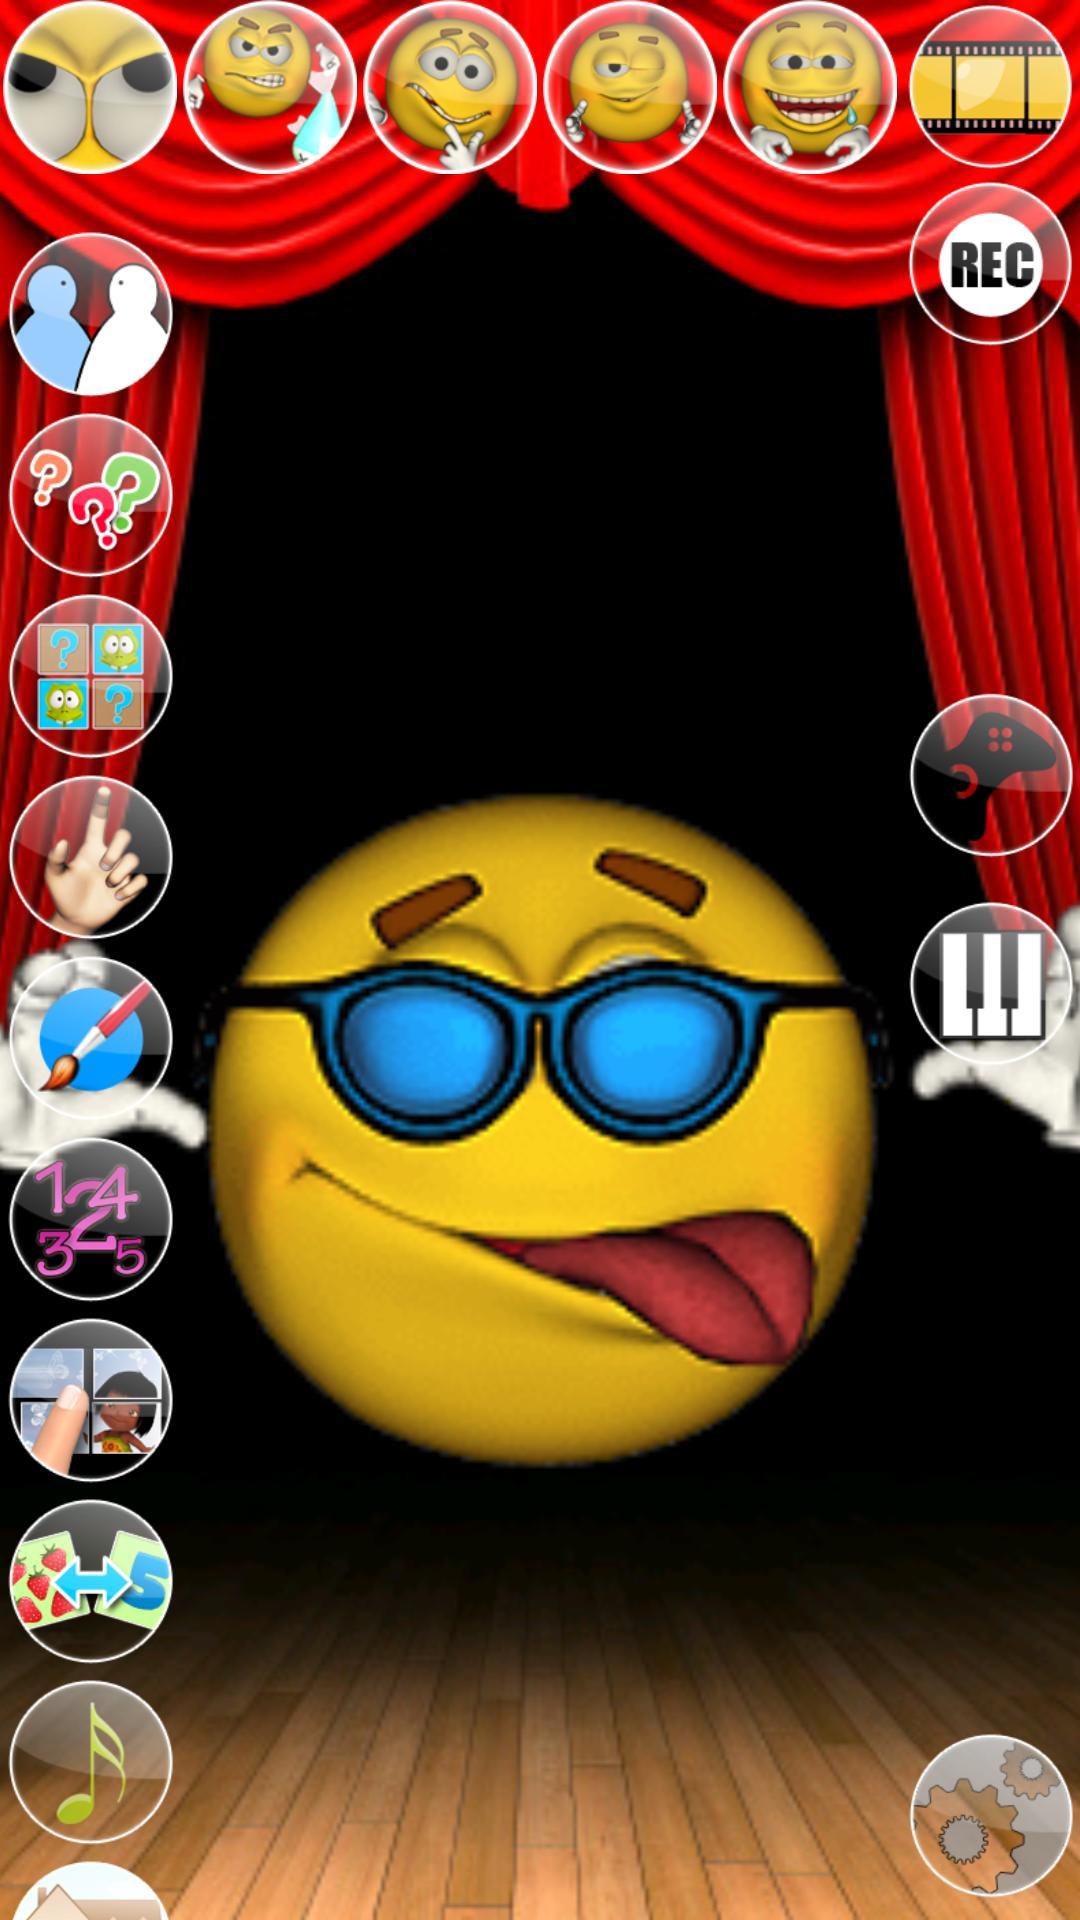 Talking Smiling Simon screenshot 2